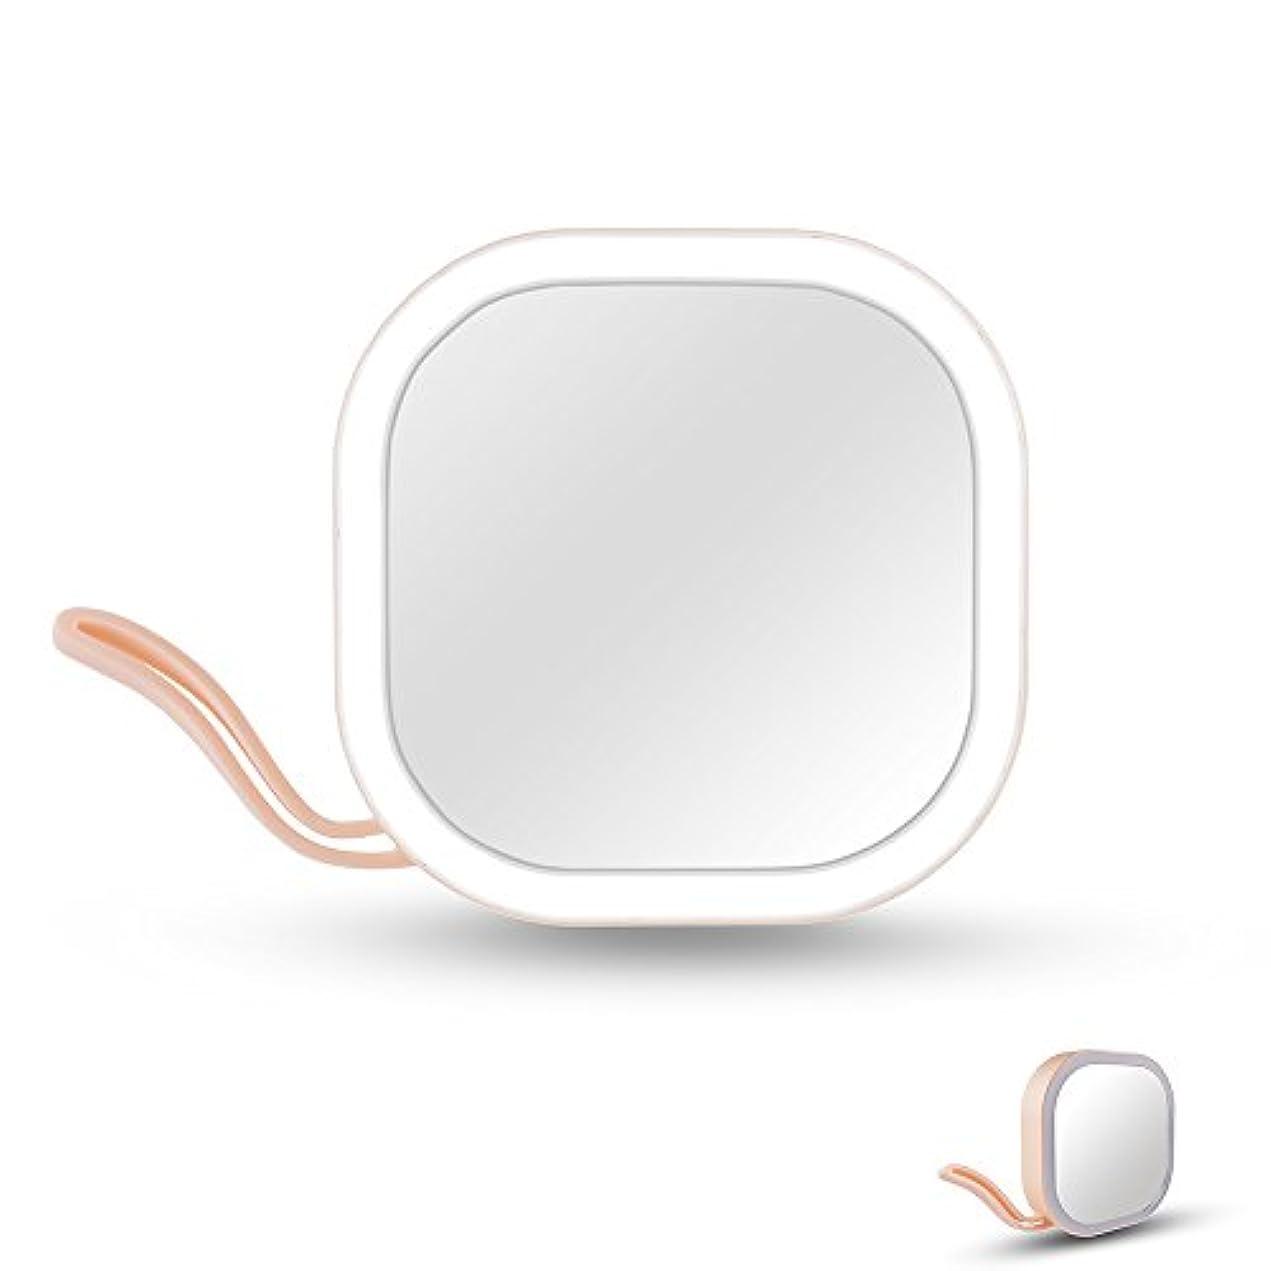 薄い怖いジャングルIchic LEDミラー 化粧鏡 メイクミラー 携帯用ミラー 手鏡 コンパクト 持運び便利 USB充電